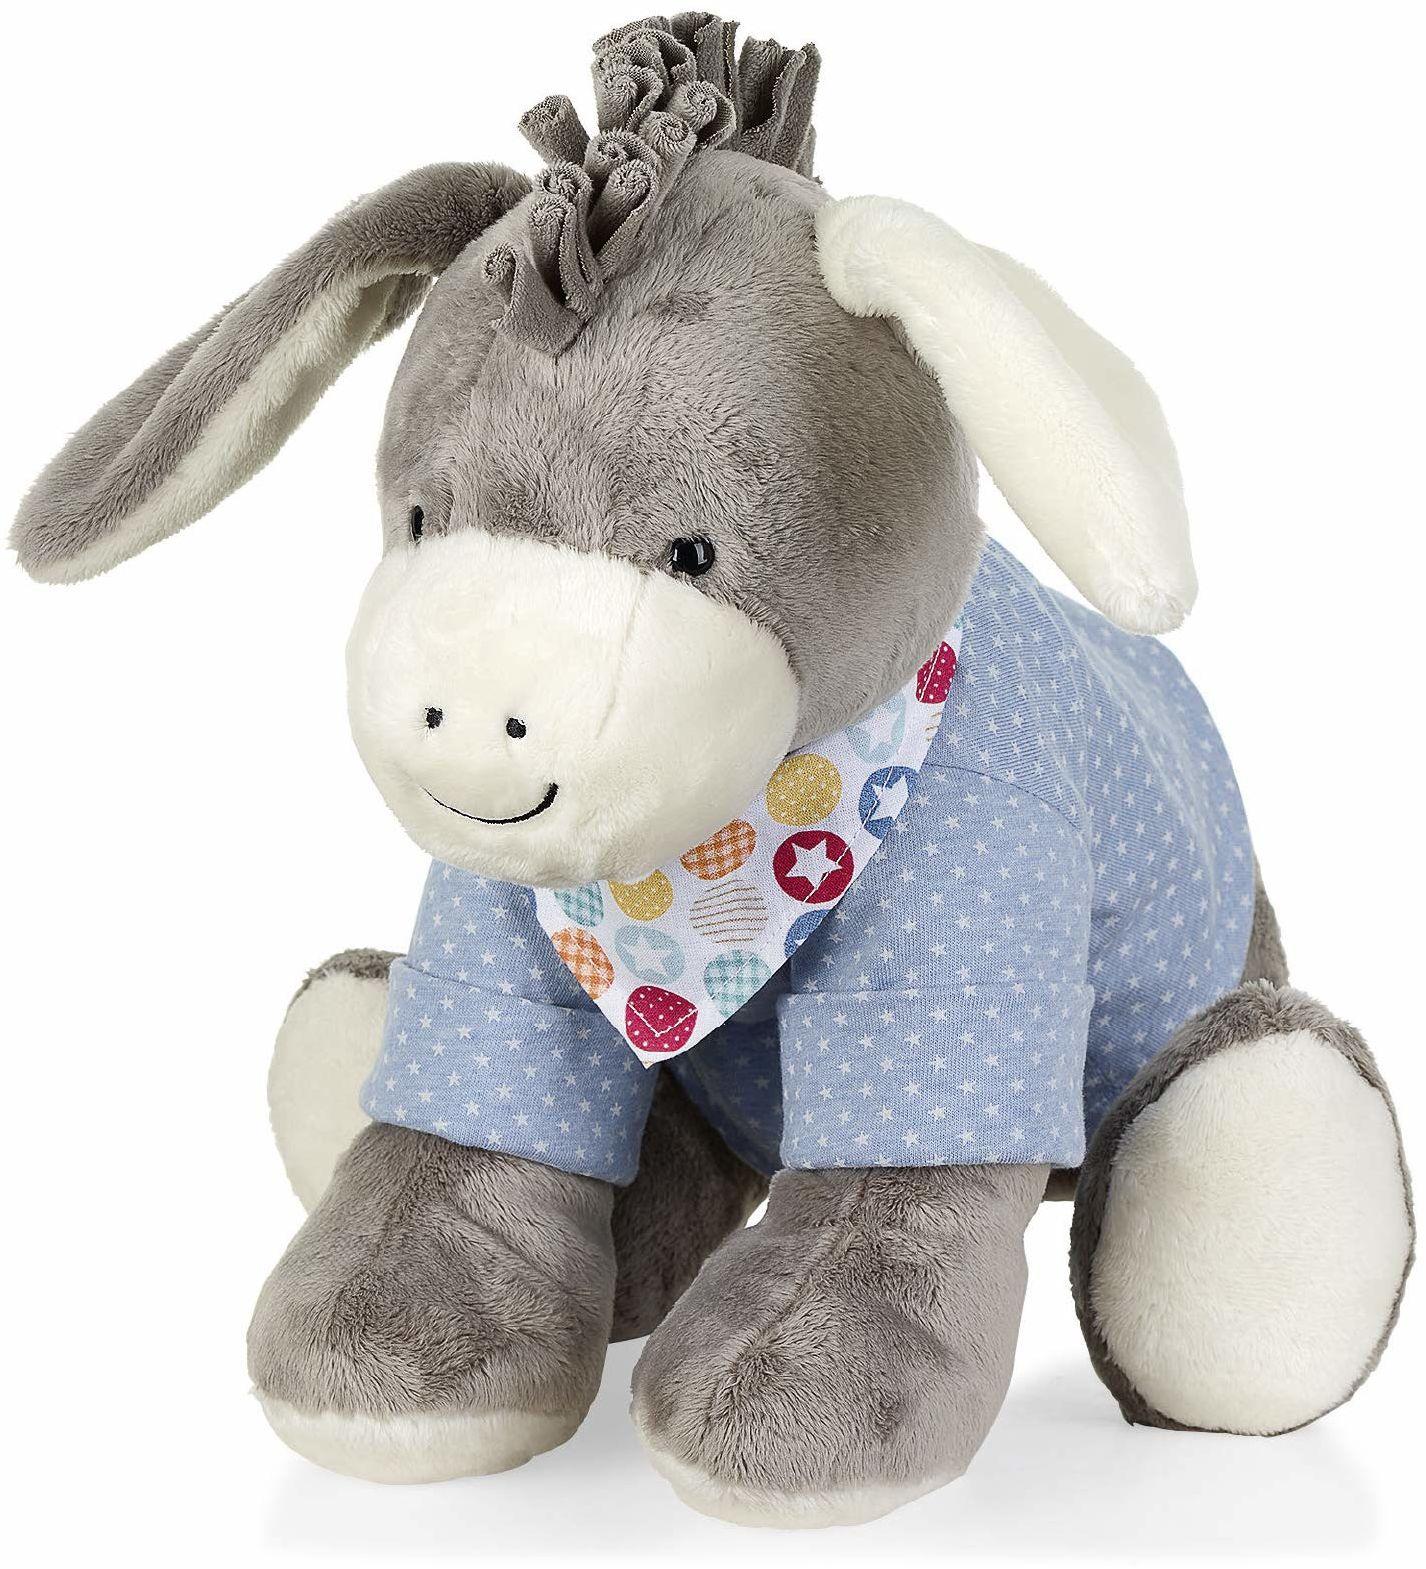 Sterntaler Zwierzęk do zabawy gwiazdka Emmi, dla niemowląt od urodzenia, 37 cm, szary/jasnoniebieski, 3022000, L